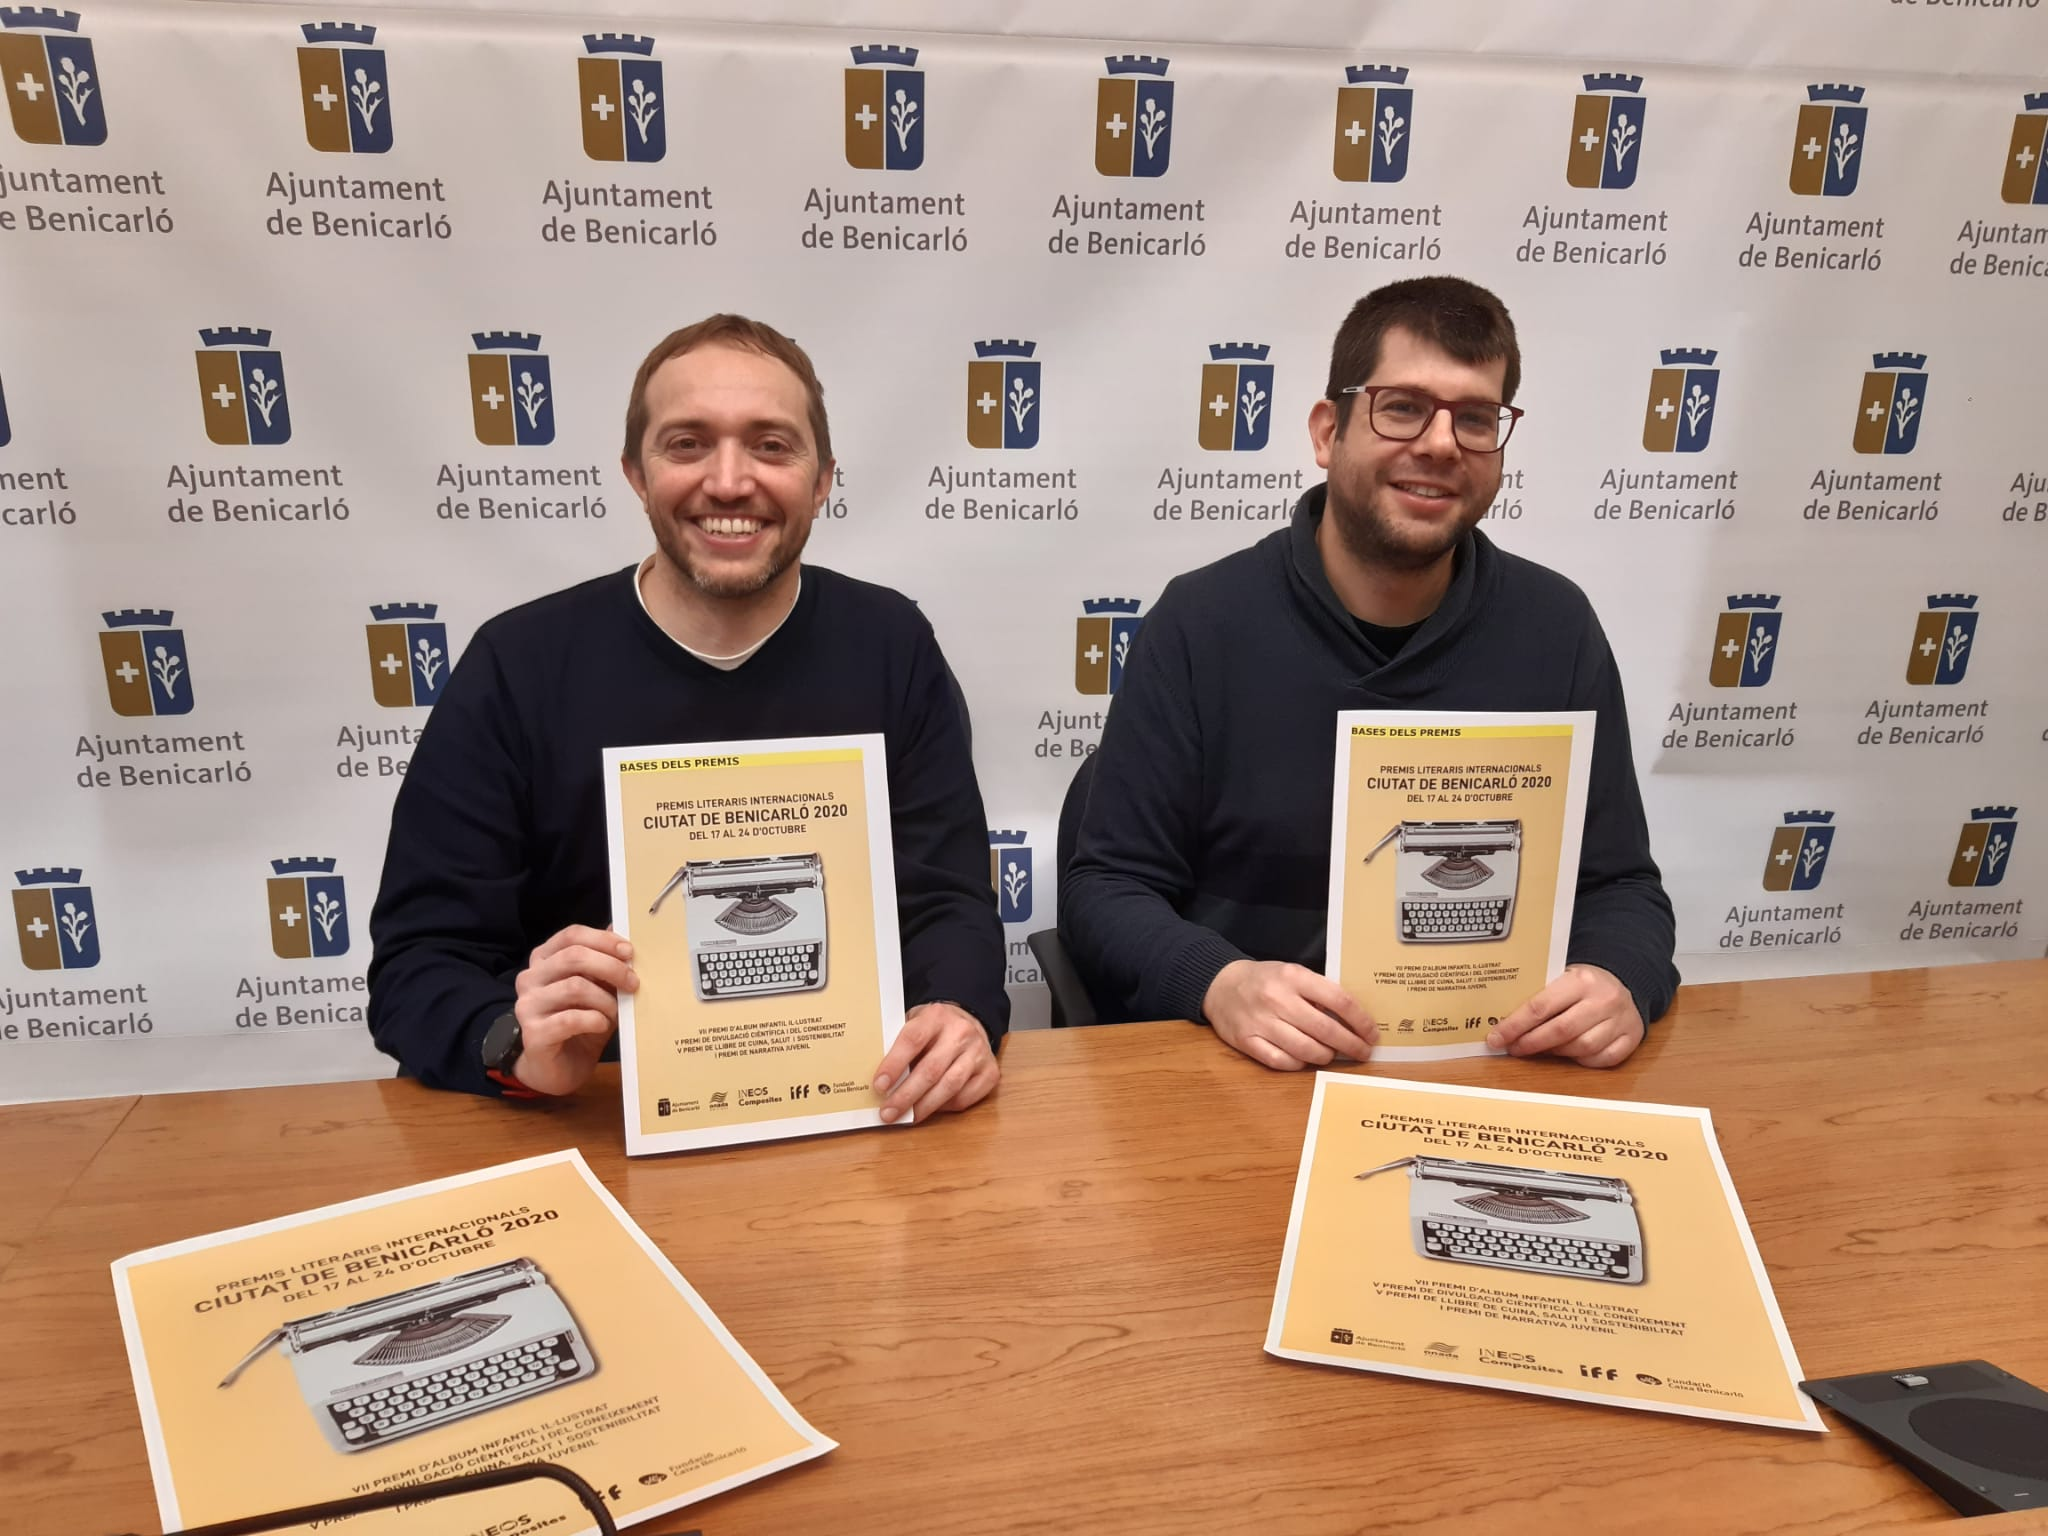 Se convocan los Premis Literaris 2020 con una nueva categoría de Narrativa Juvenil